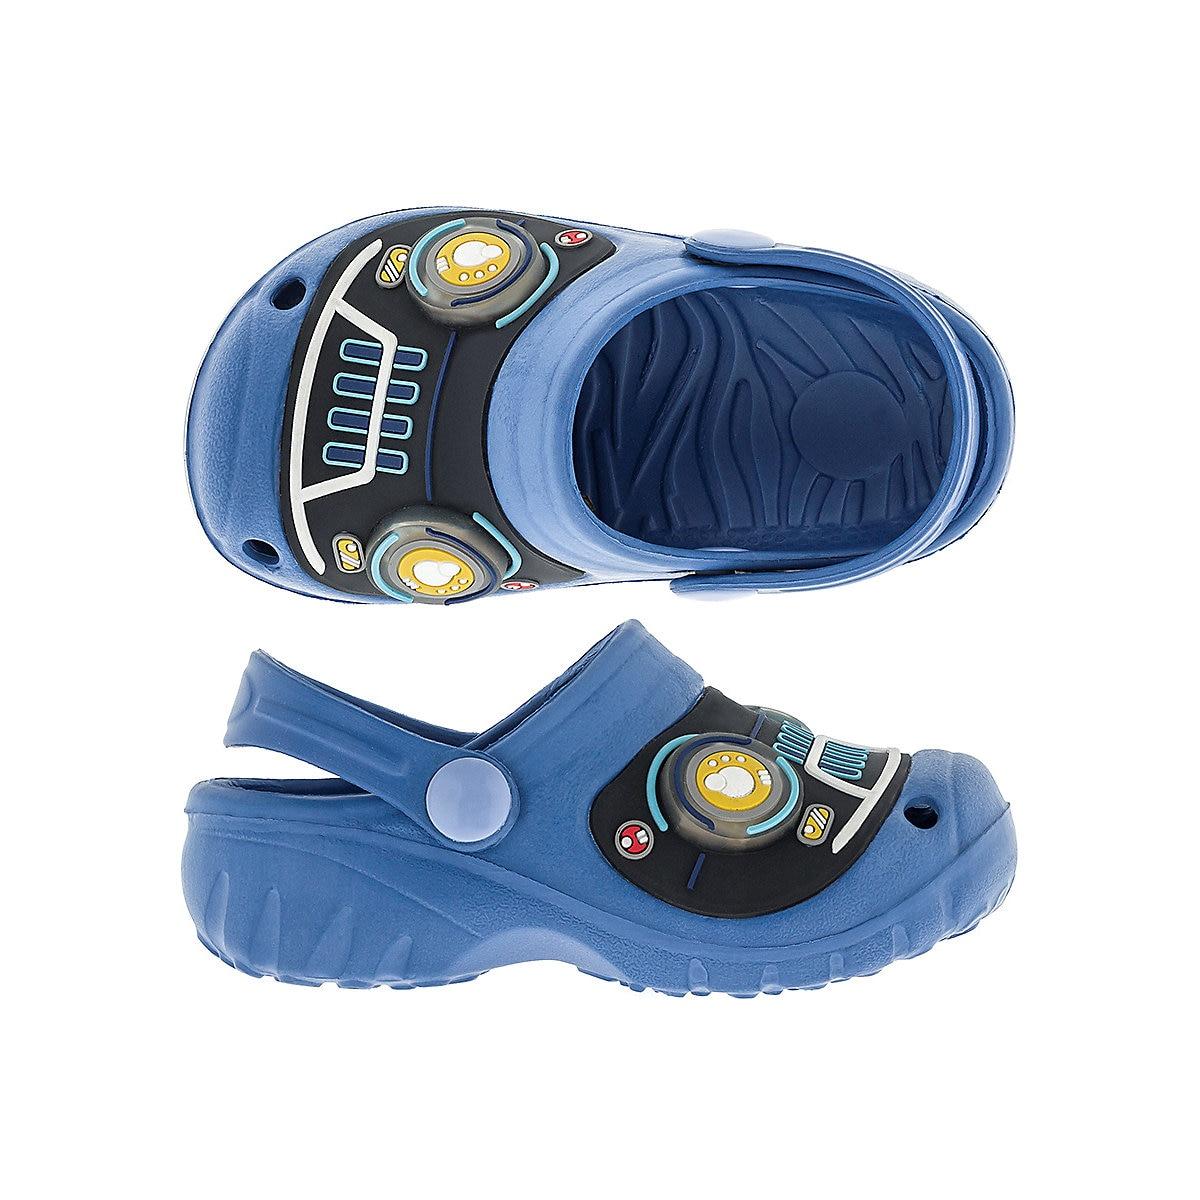 KAKADU Sandals 10696135 clogs comfortable and light children's shoes girls and boys kakadu sandals 10696136 clogs comfortable and light children s shoes girls and boys